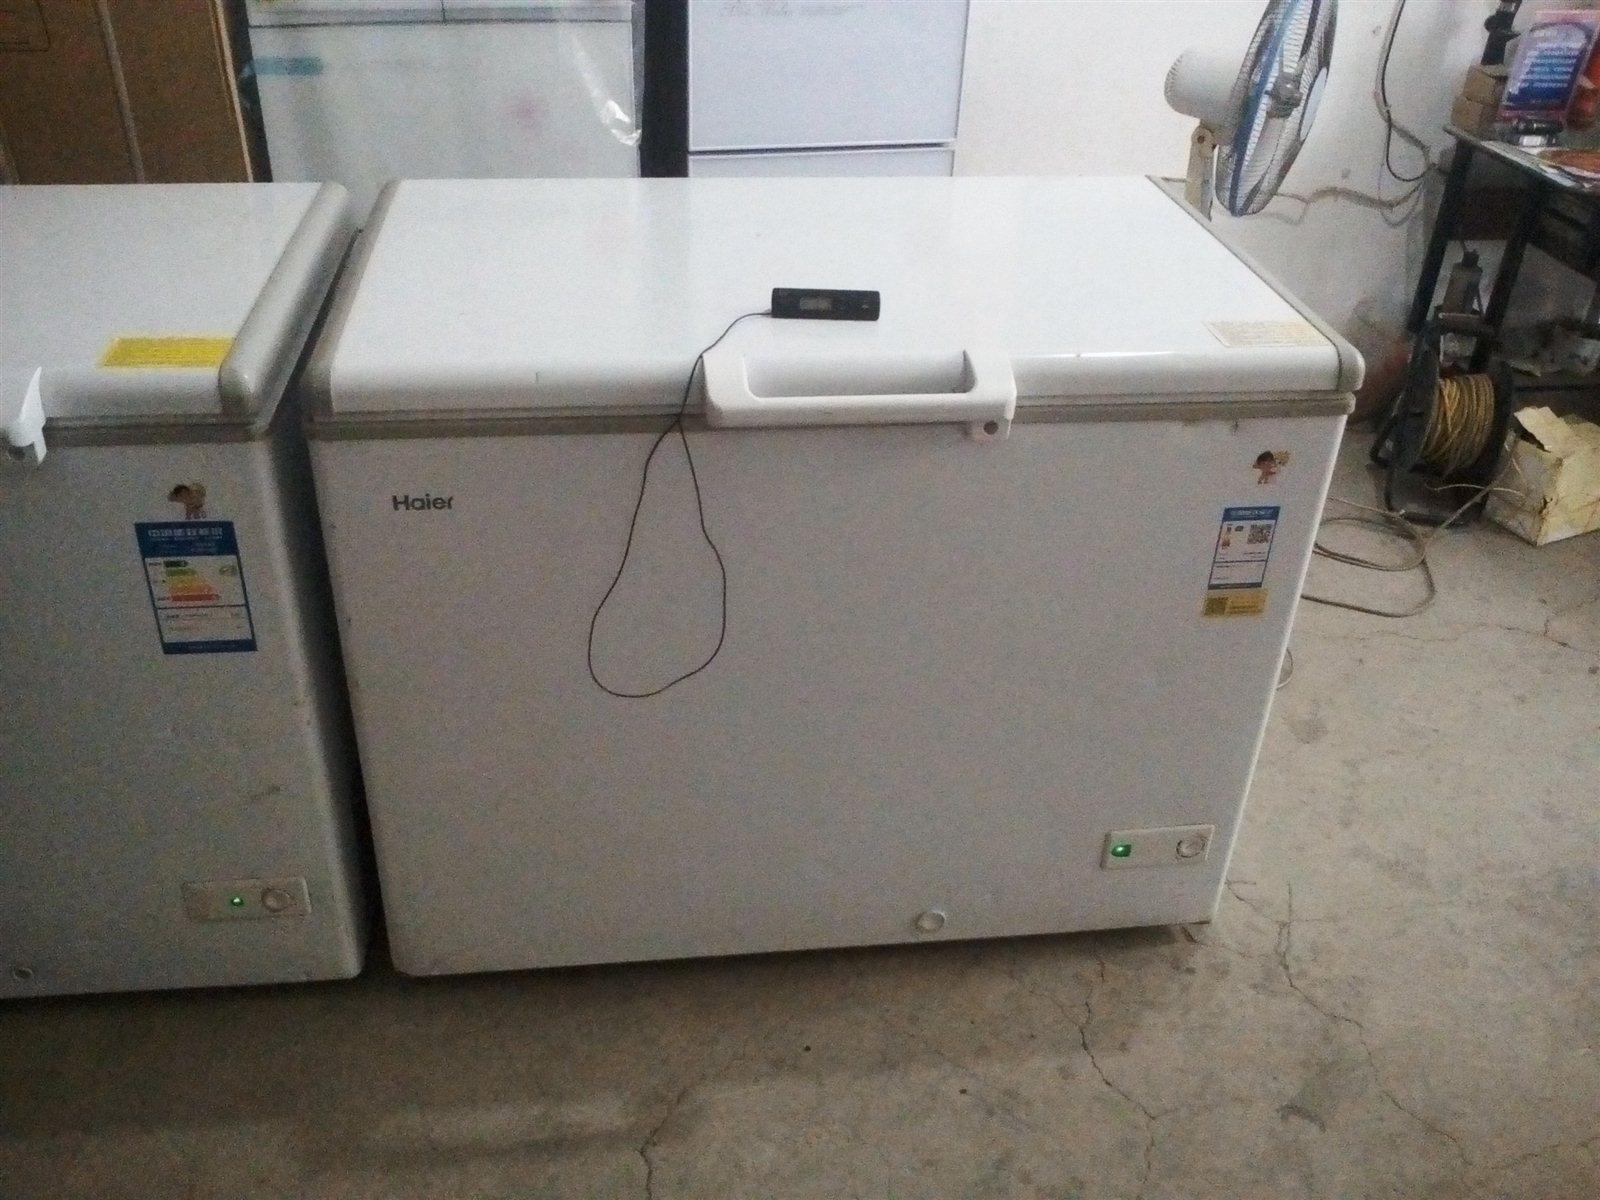 低价出售一台全新磕碰海尔冰柜